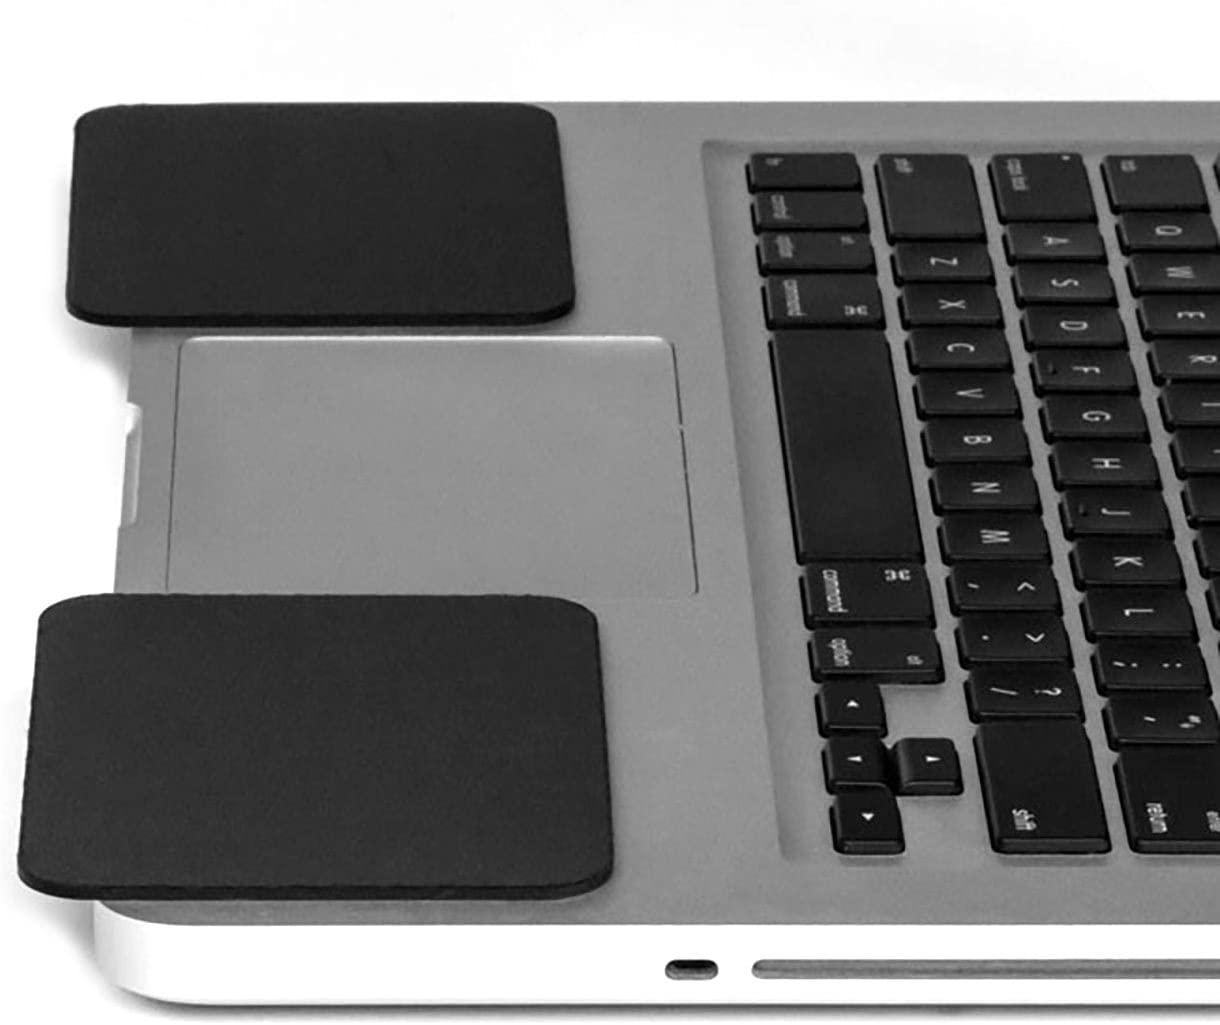 macbook-wrist-rest